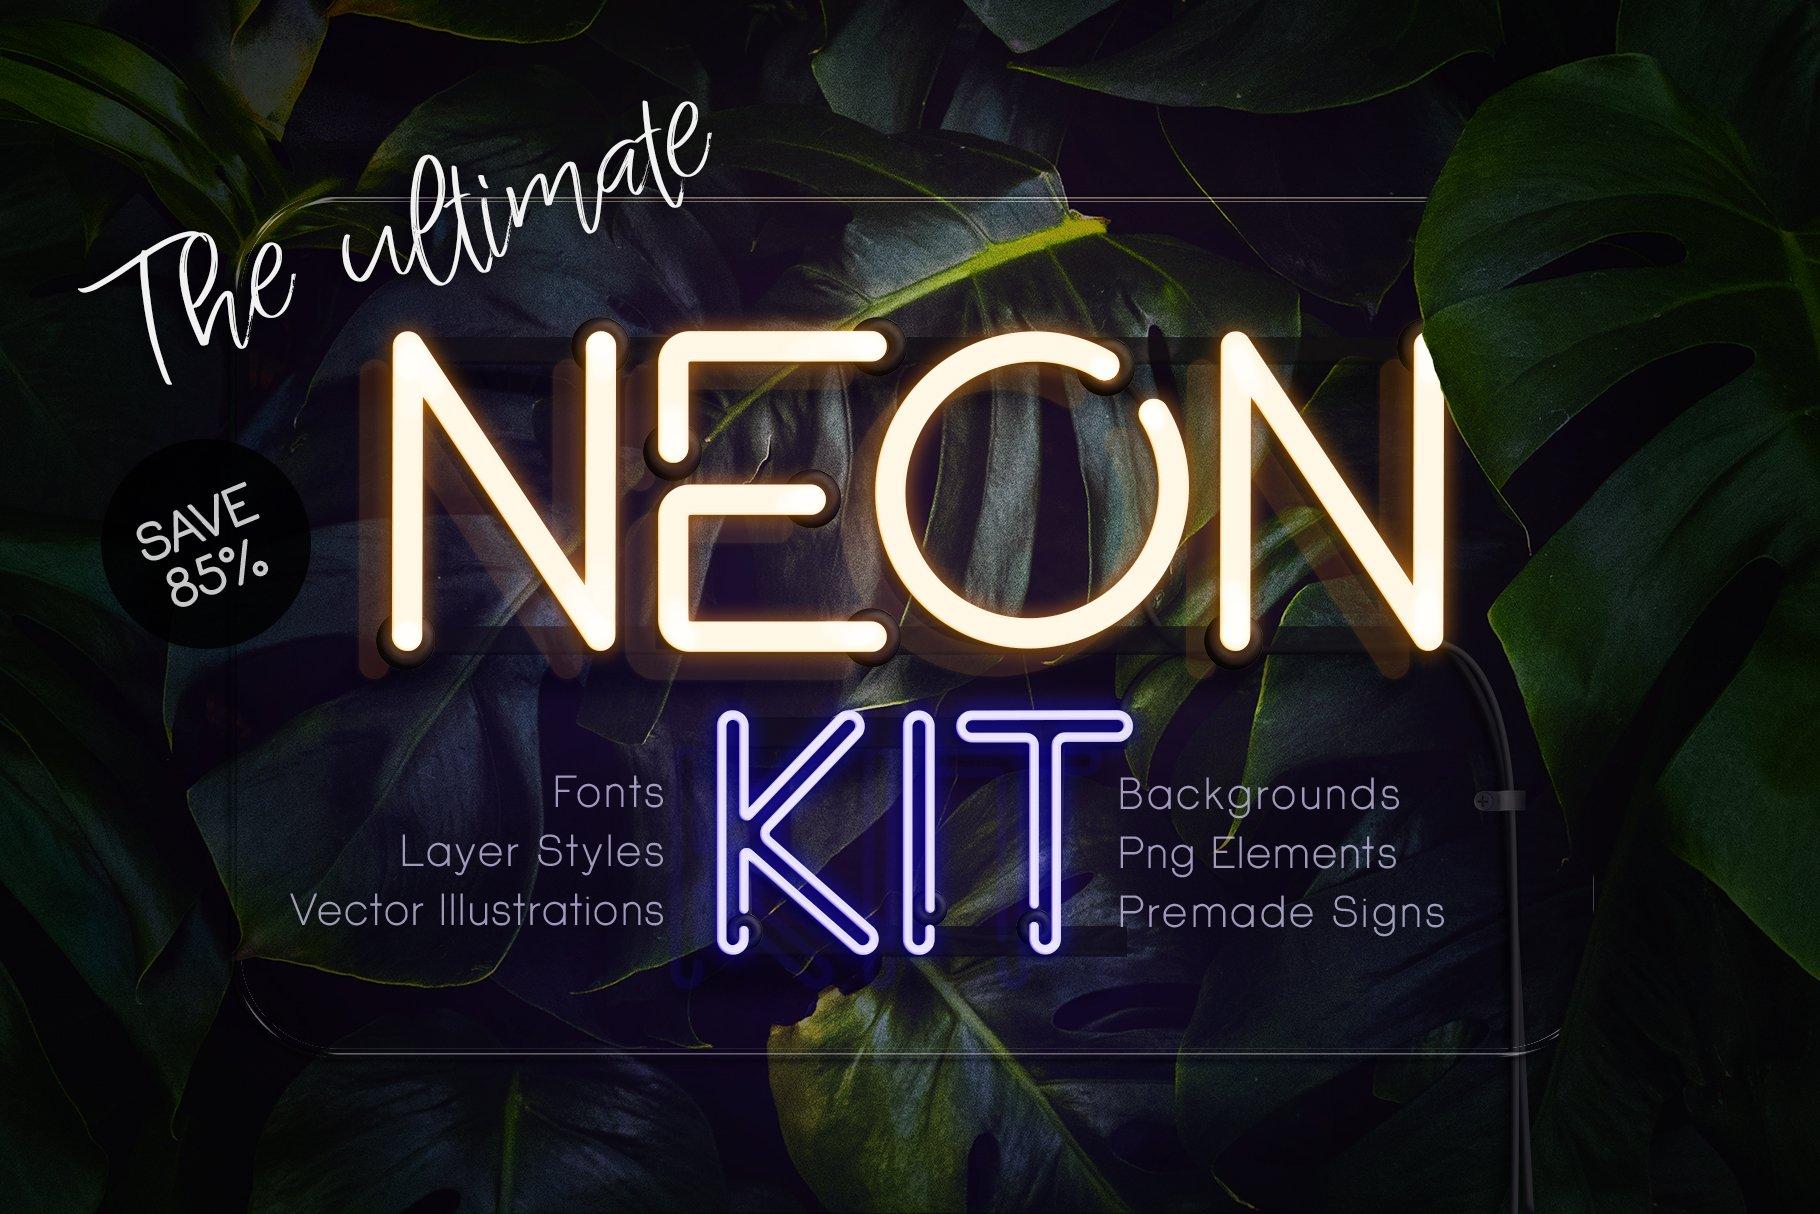 时尚霓虹灯发光特效字体图形元素设计PS样式模板套件 The Ultimate Neon Kit插图